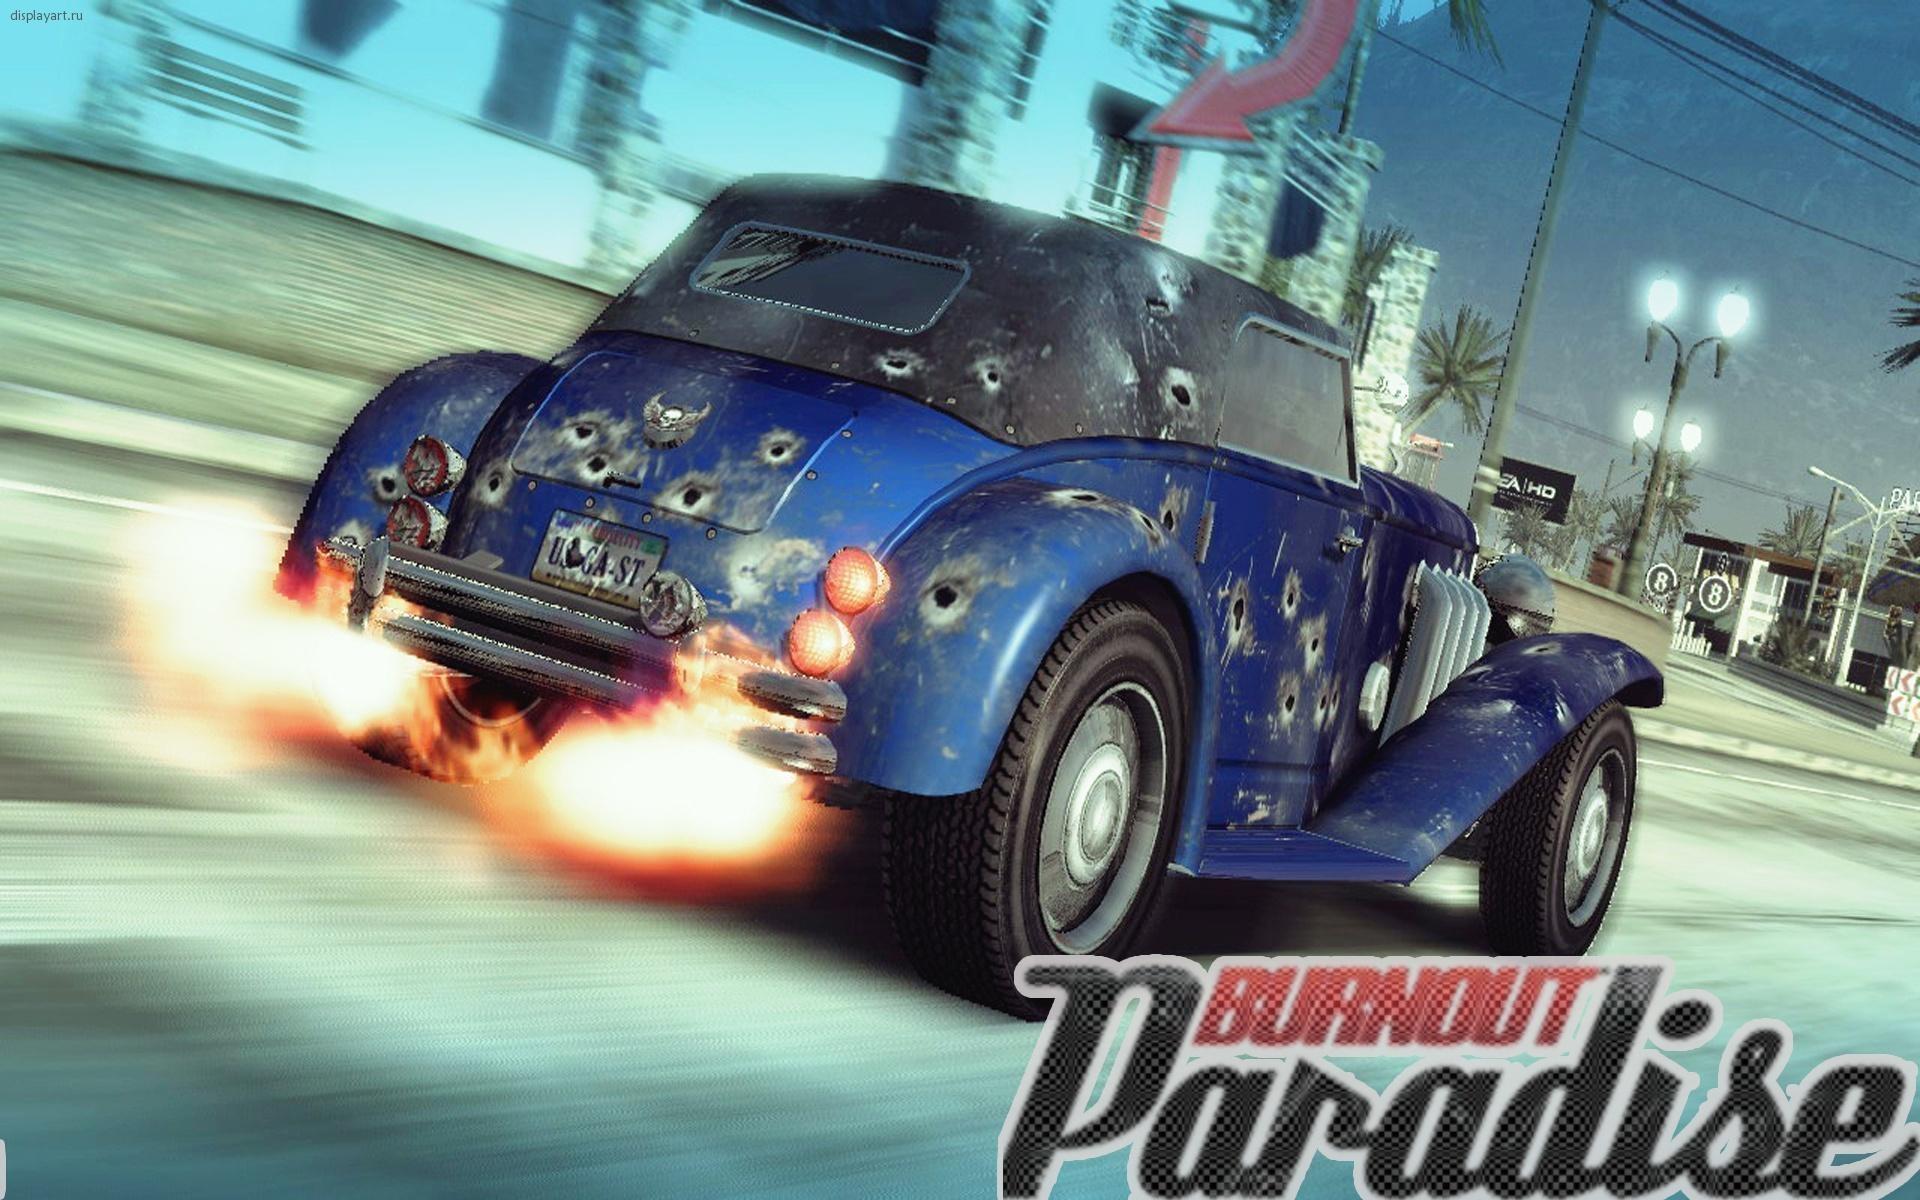 Photo Burnout Burnout Paradise Games